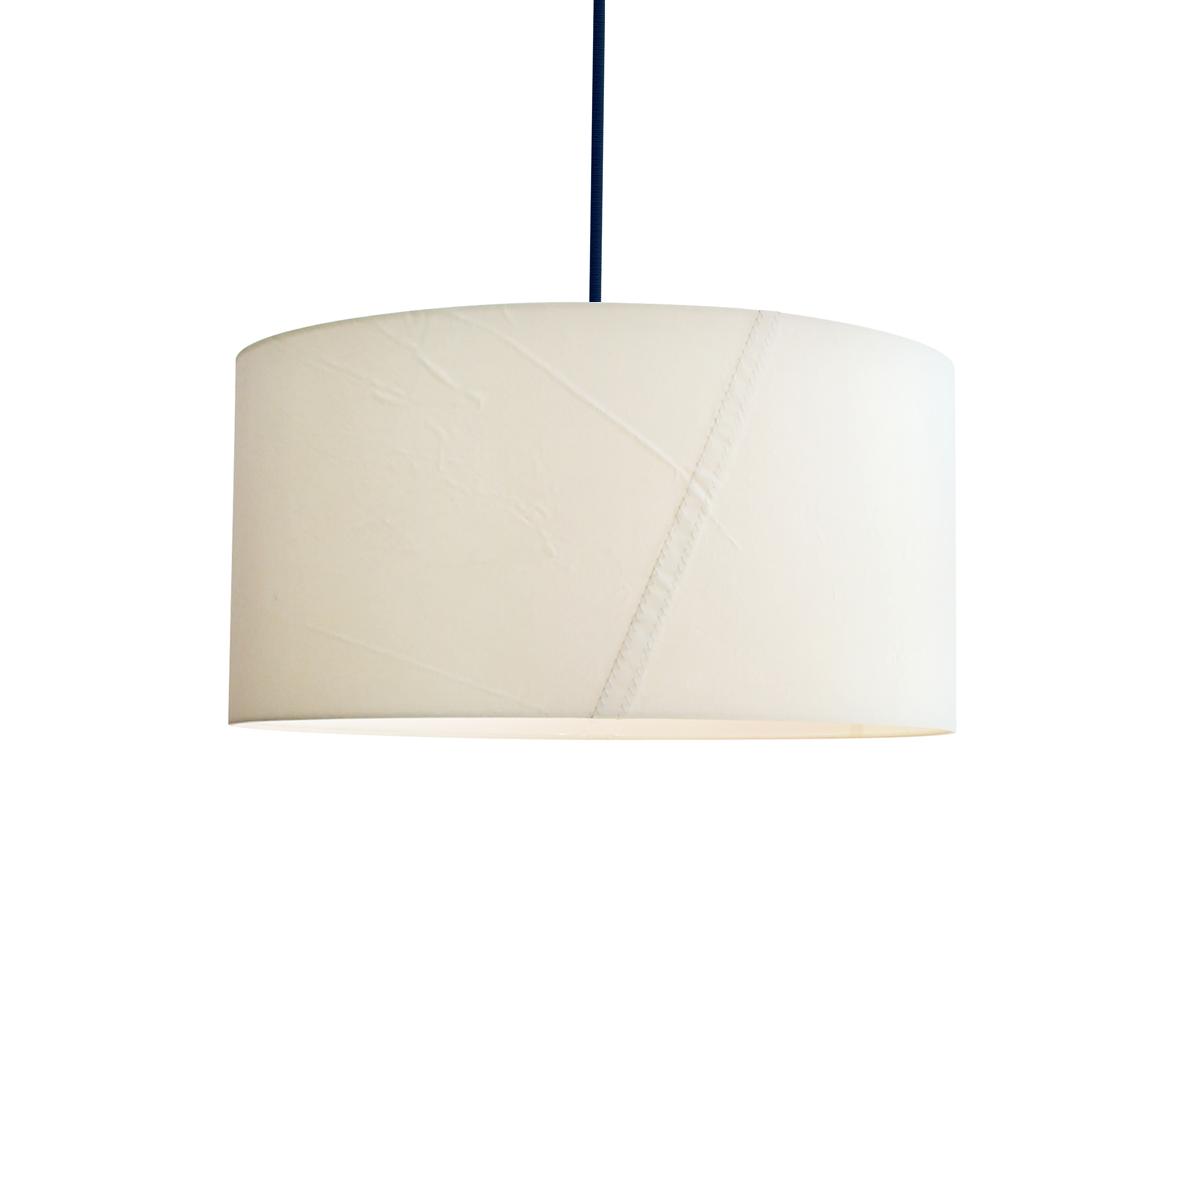 Segel Lampe